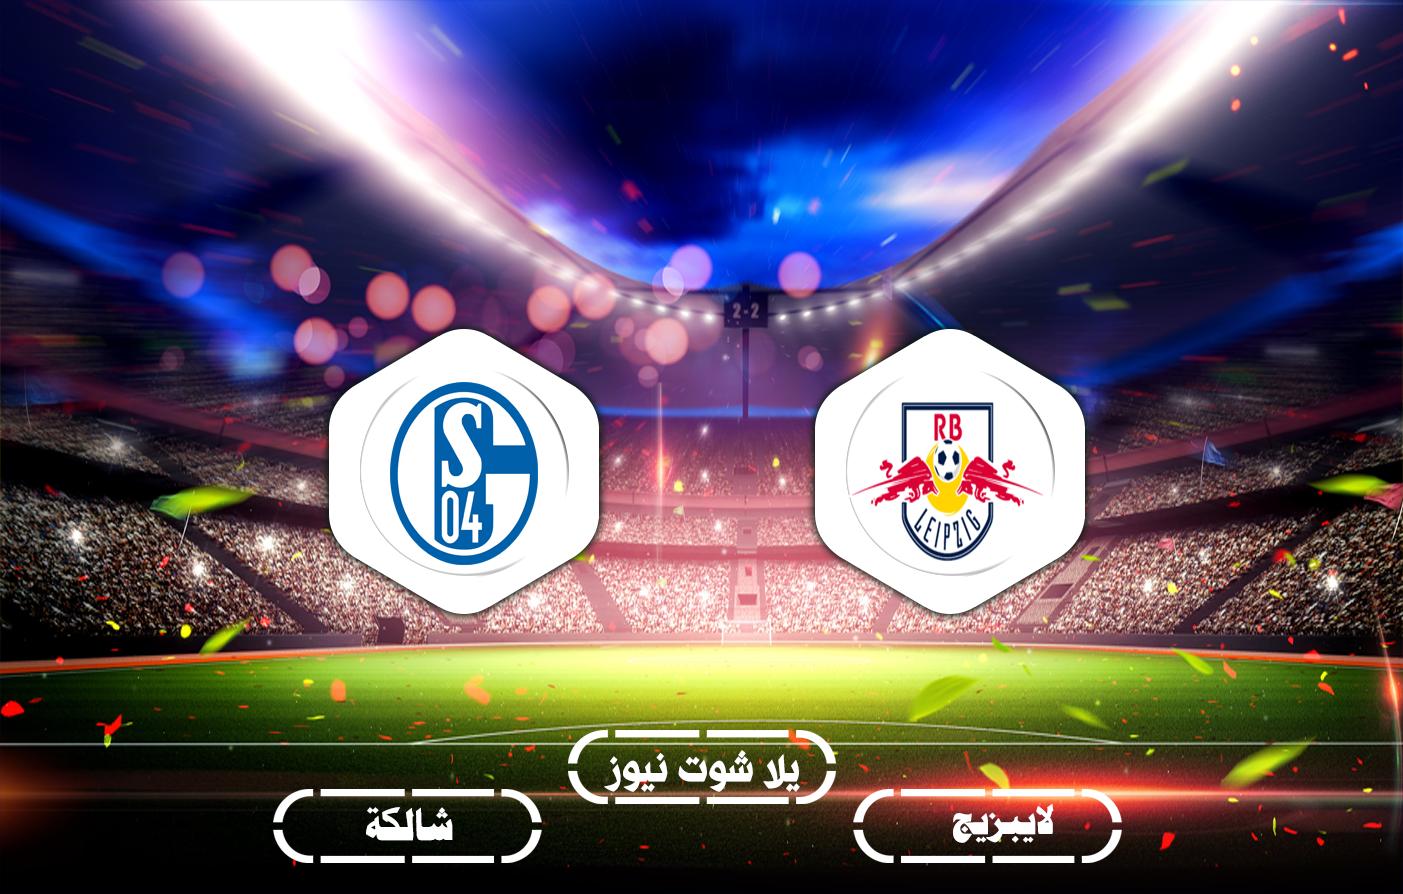 مشاهدة مبارة لايبزيج وشالكة بث مباشر اليوم 3-10-2020 في الدوري الالماني